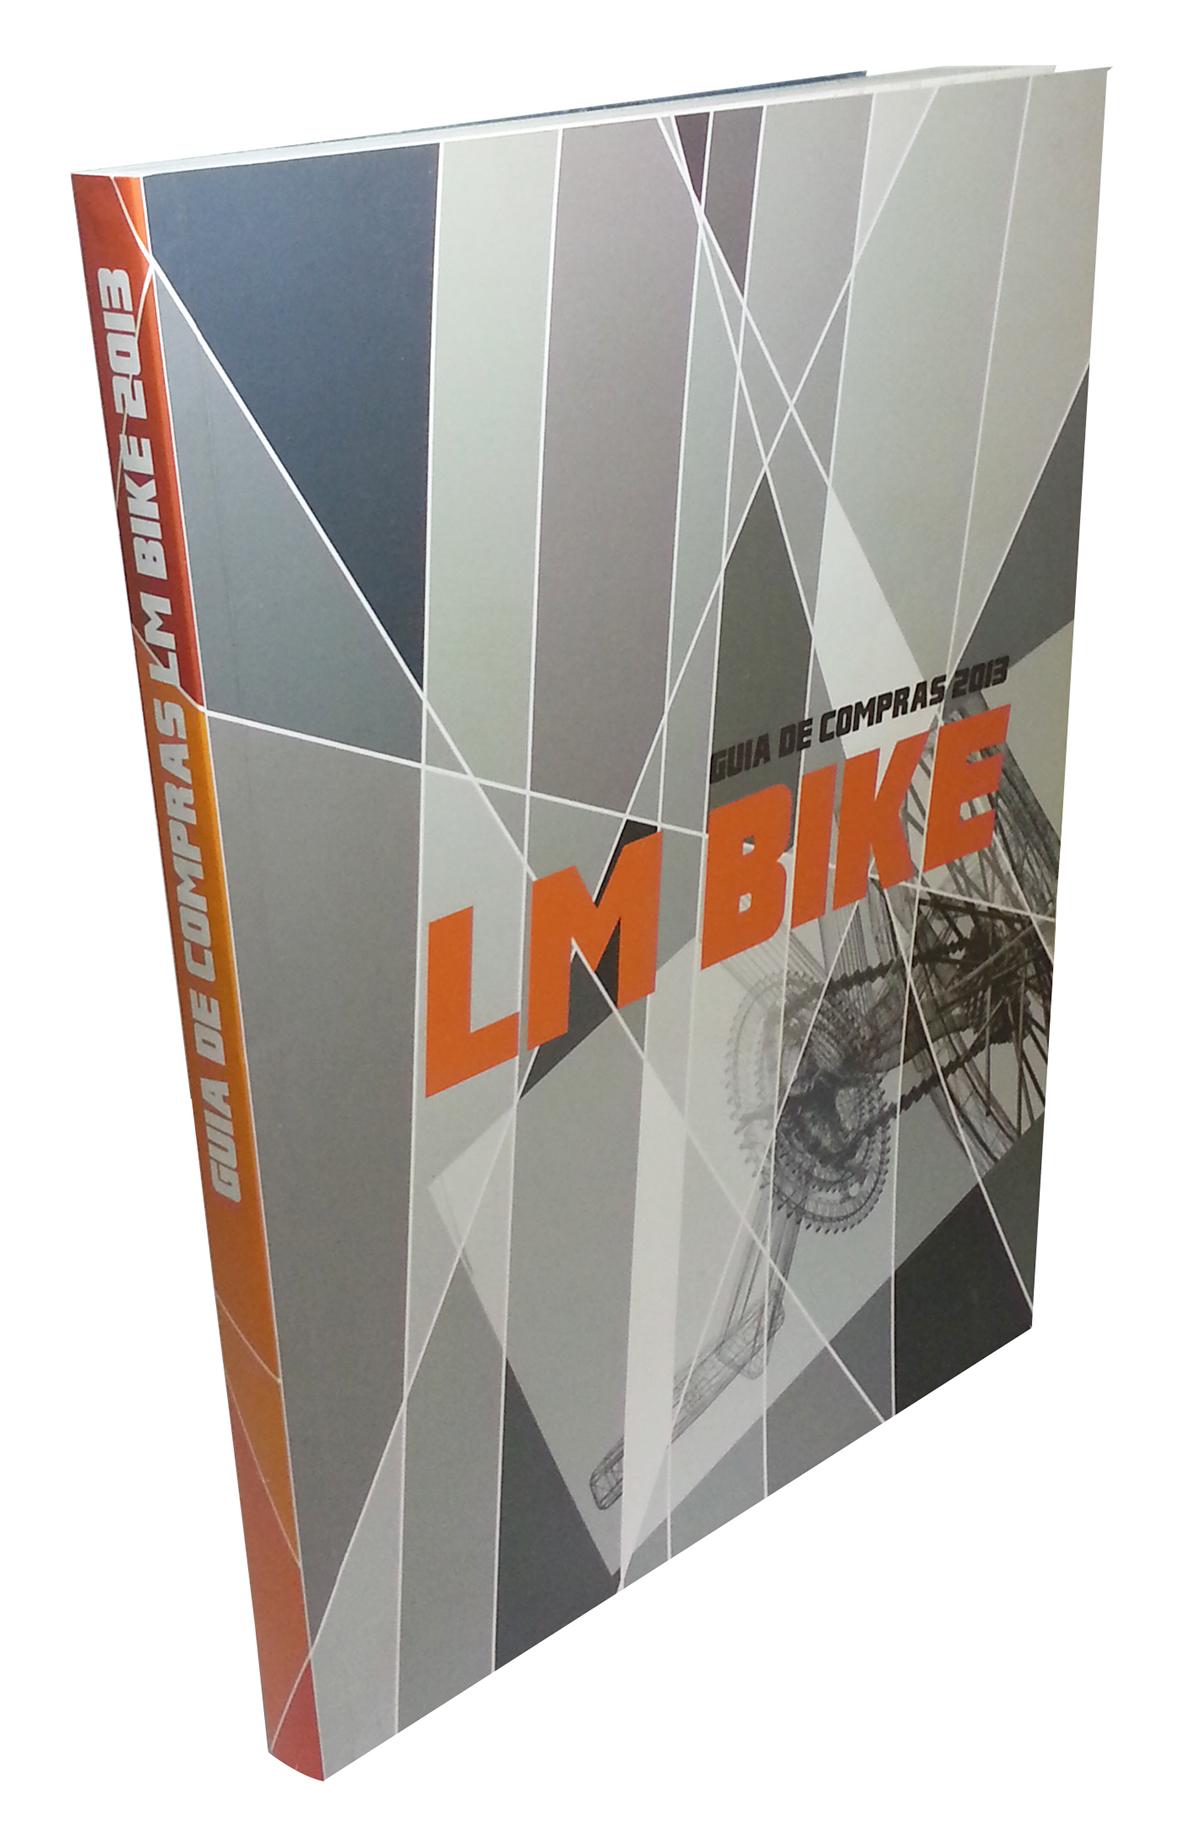 catalogo Guía de compras Livro